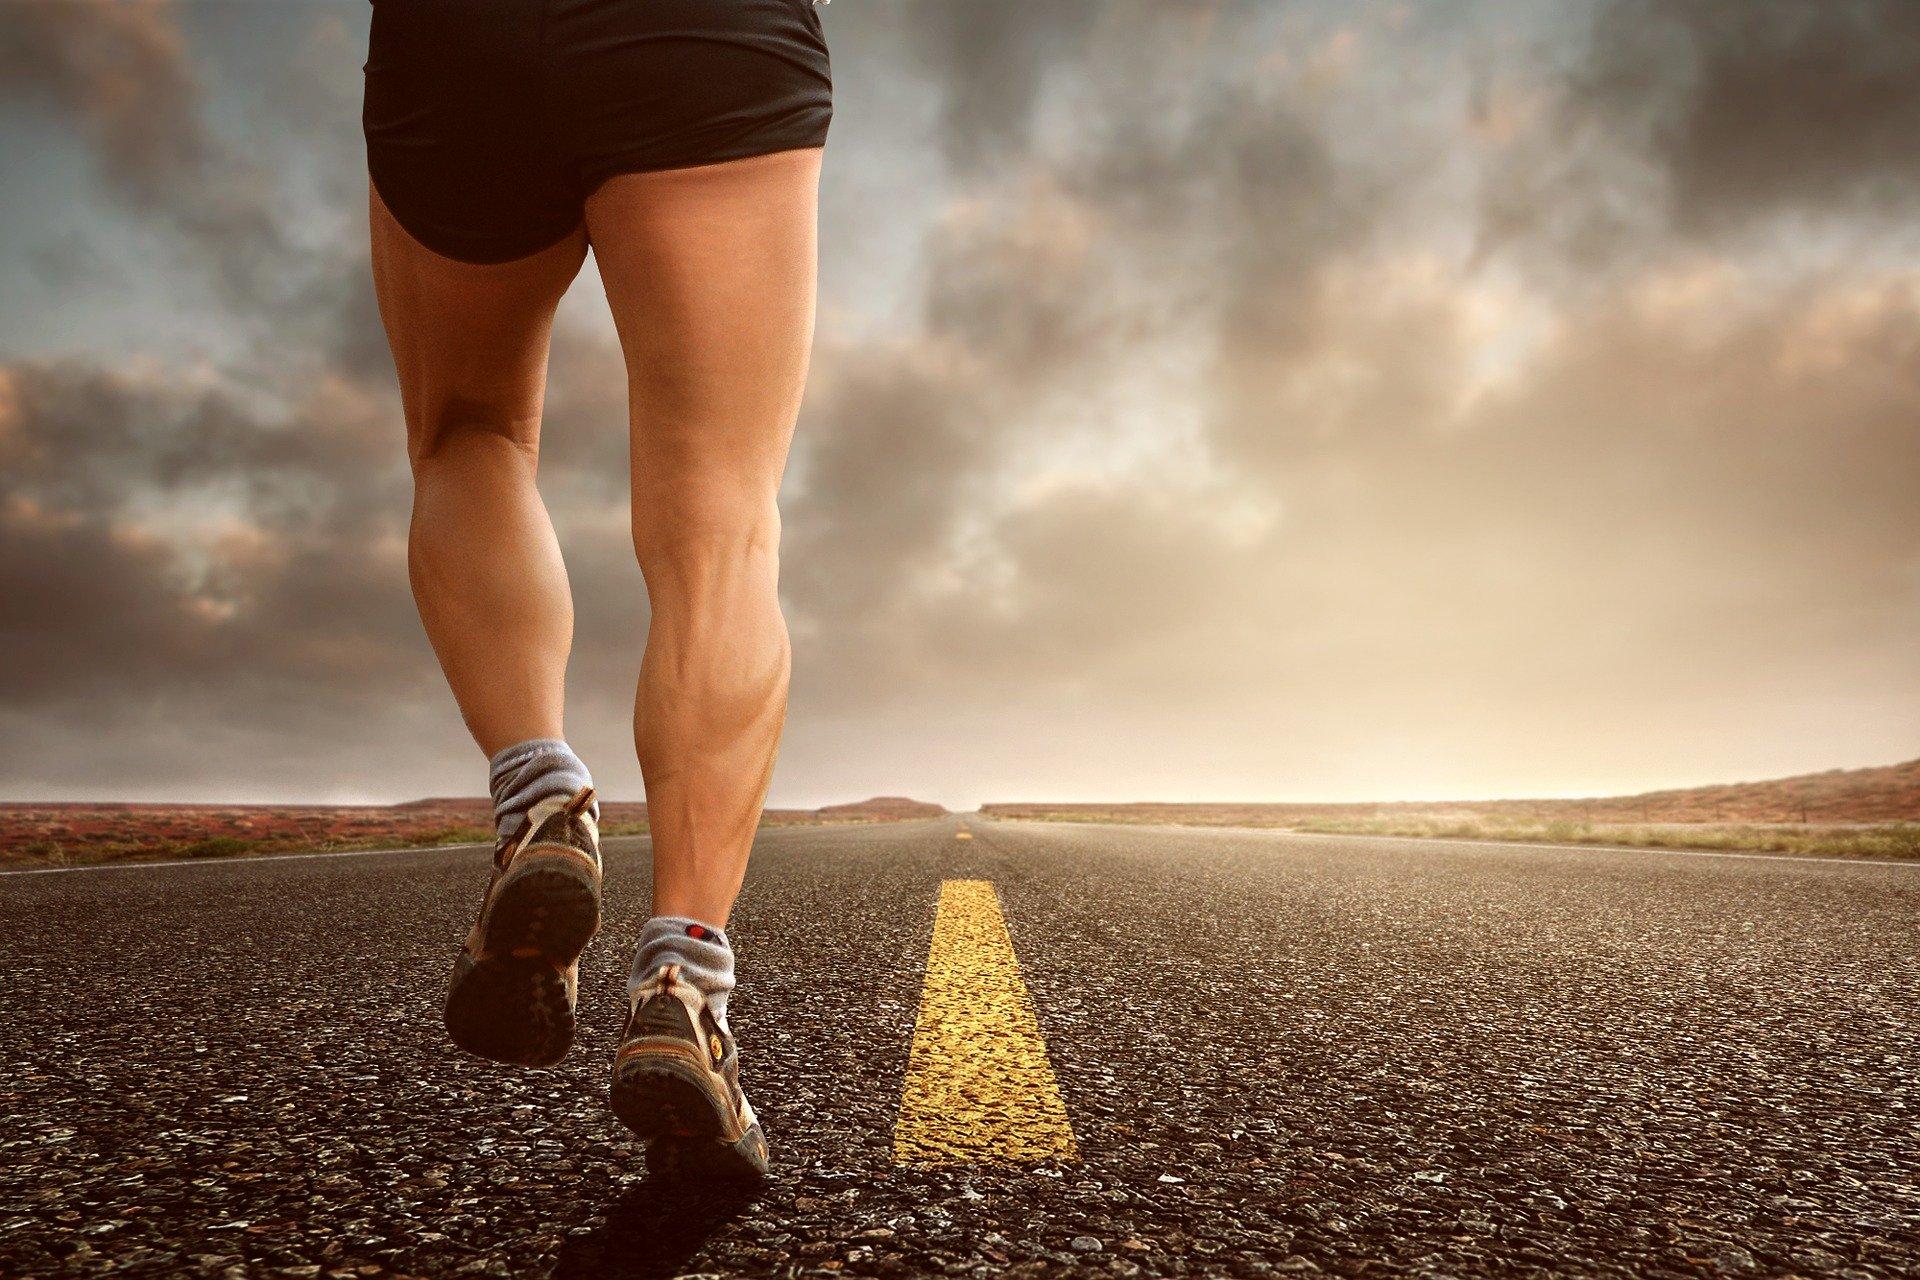 Imagem mostra uma pessoa caminhando e seu tênis em detalhes.